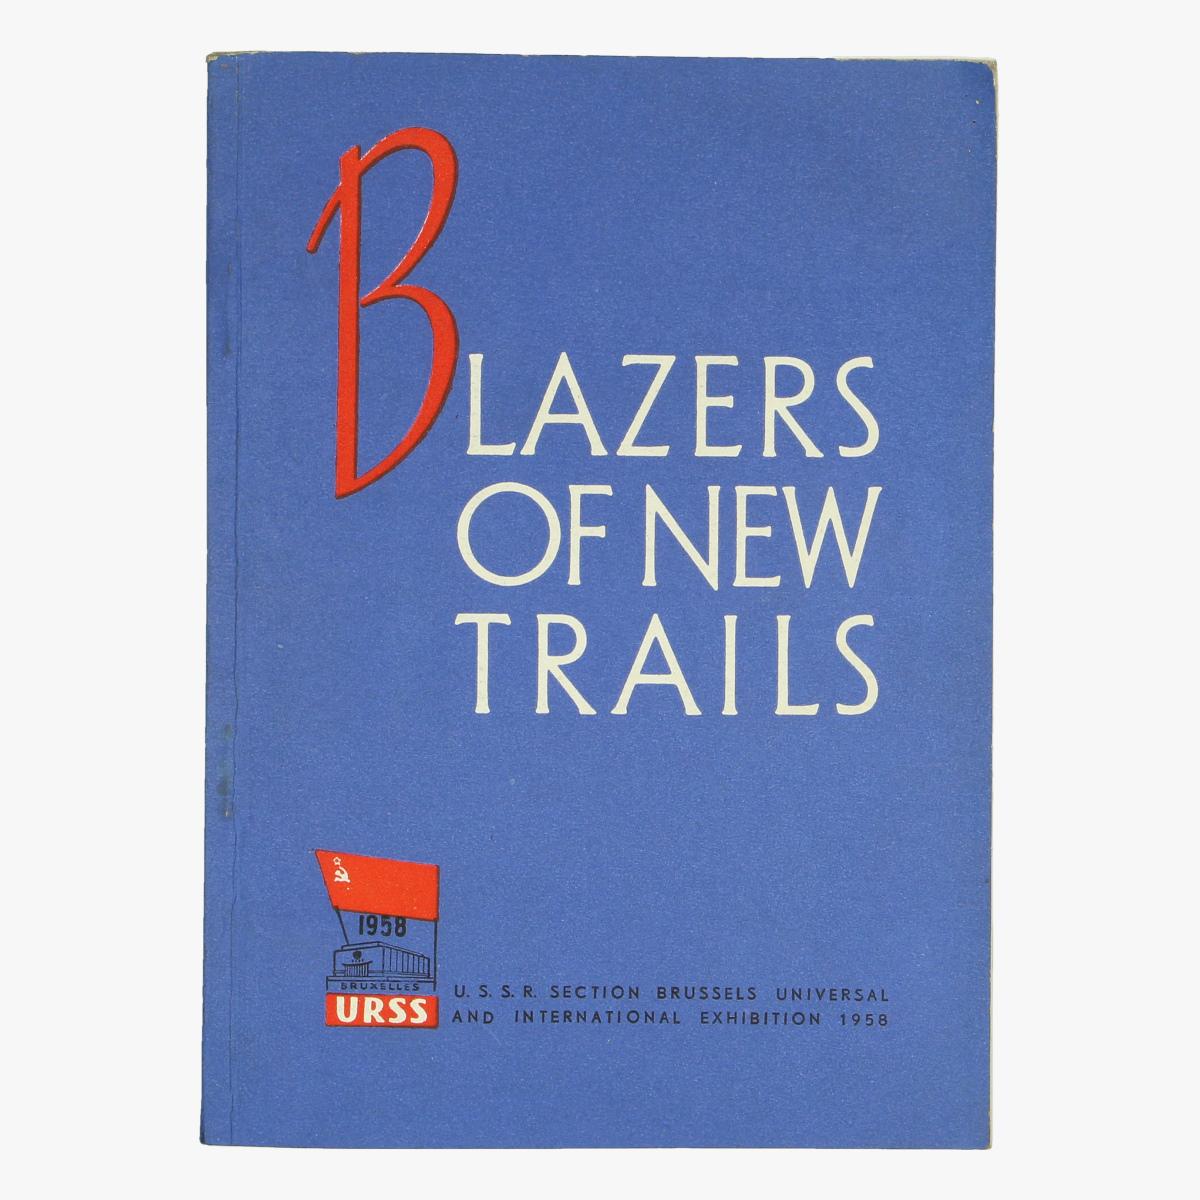 Afbeeldingen van expo 58 boekje Blazes of new trails u.s.s.r section brussels universal and international exhibition 1958